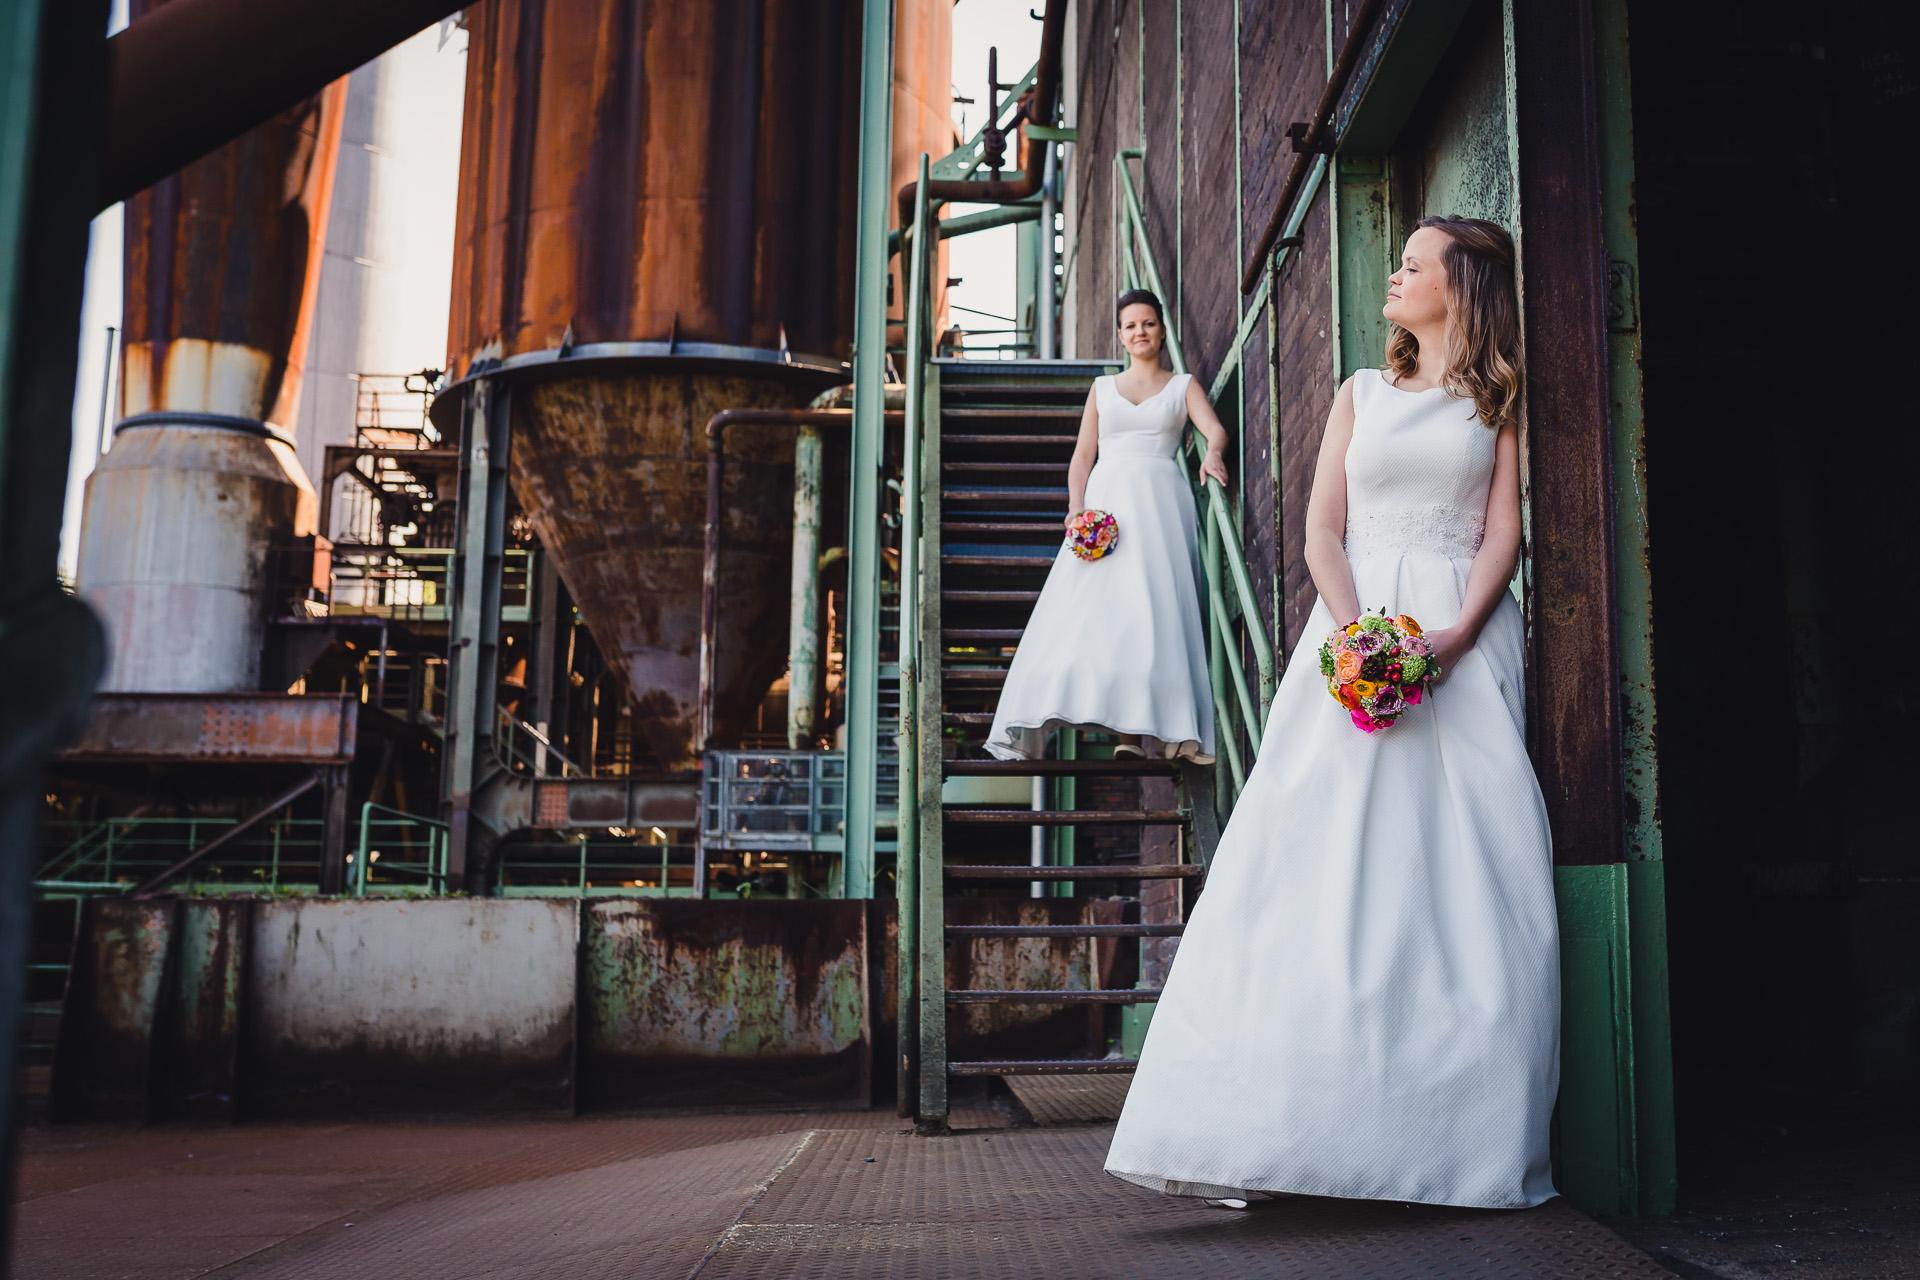 Hochzeitsfotograf Ruhrgebiet - Hochzeitspaar LWL Museum Henrichshütte Hattingen